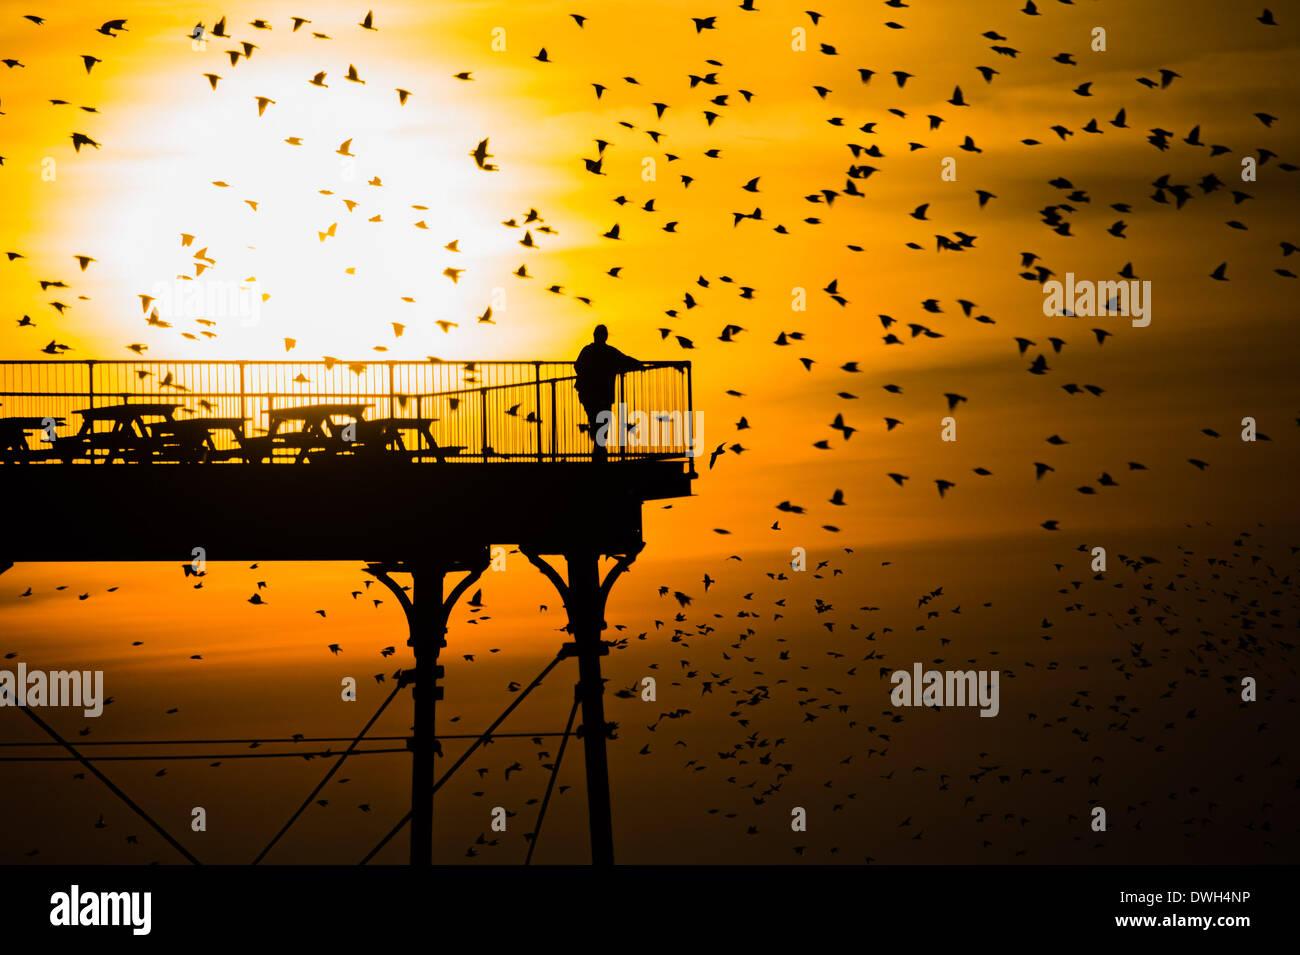 Aberystwyth, Pays de Galles, Royaume-Uni. 8 mars 2014. Les volées d'étourneaux volent en se percher sur les jambes de fer de fonte de la Victorian station jetée à Aberystwyth, sur la côte ouest du pays de Galles au Royaume-Uni. À la fin d'une chaude journée ensoleillée, avec des températures au Royaume-Uni pour atteindre 18C, les gens à la fin de la jetée apprécier le coucher du soleil sur la baie de Cardigan et le murmuration des oiseaux Crédit photo: Keith morris/Alamy Live News Banque D'Images